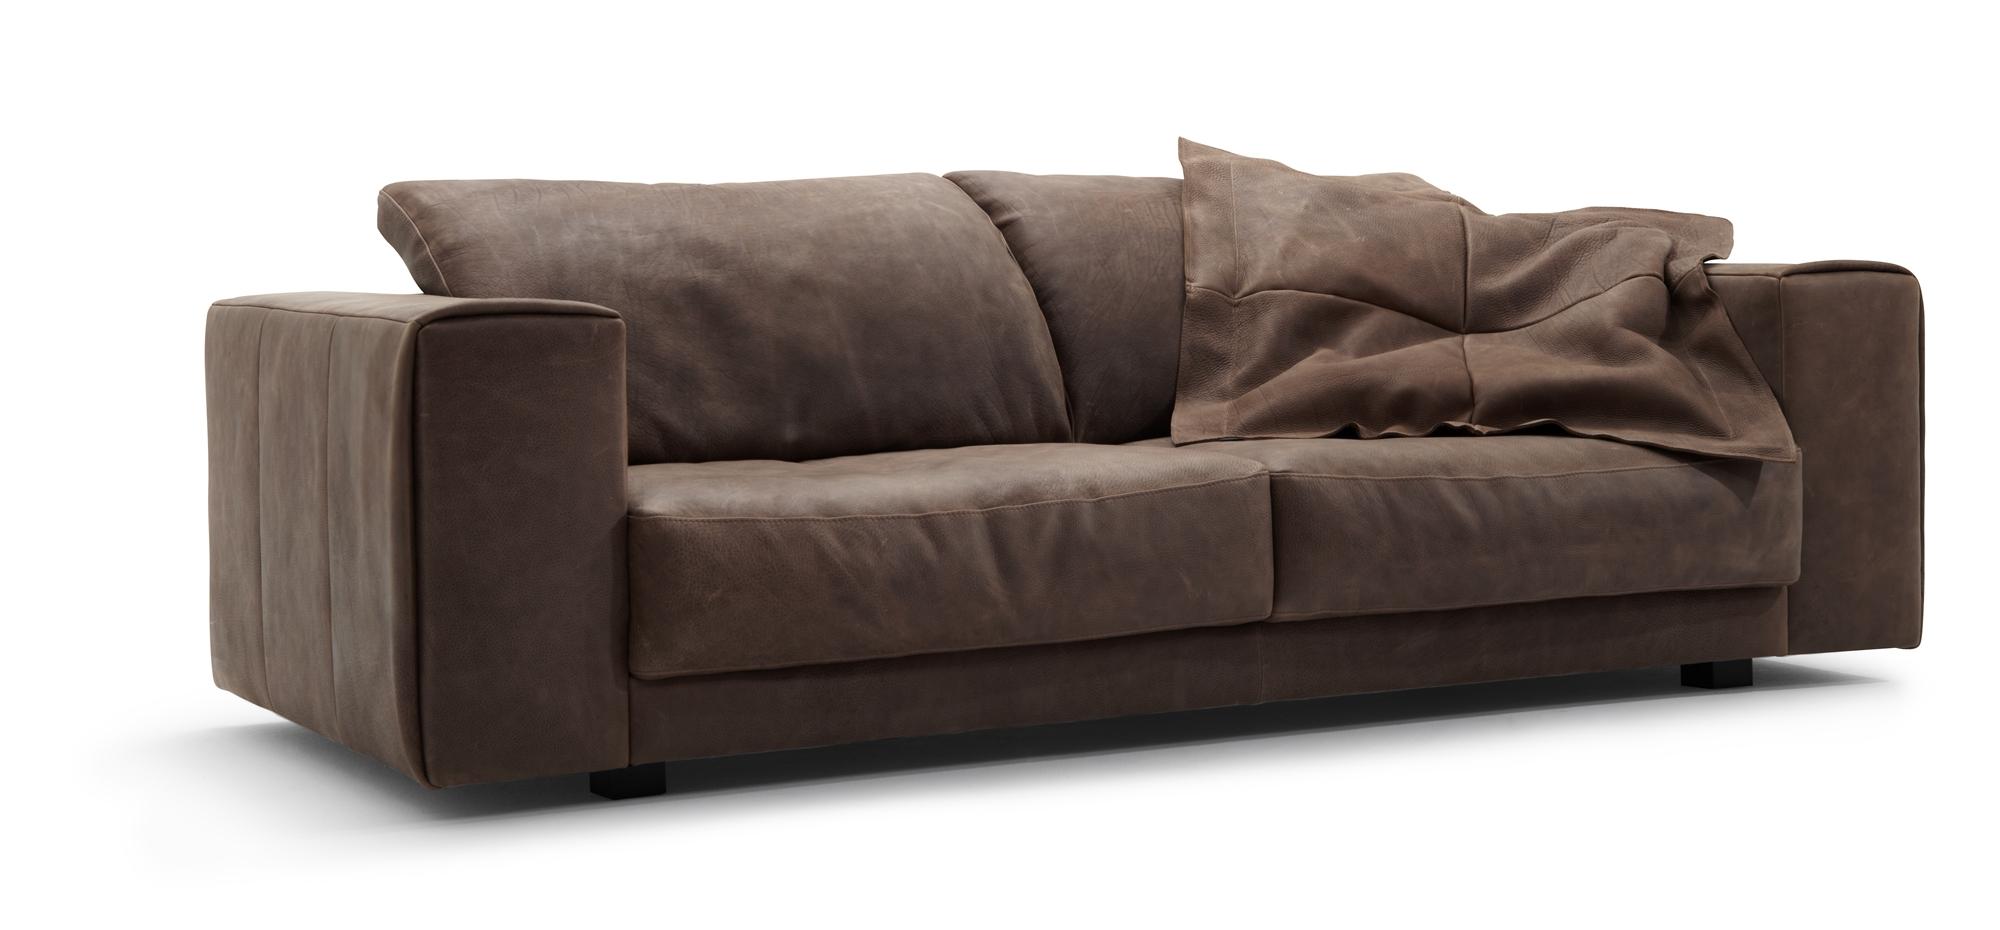 bildergalerie einzelsofas polstergruppen wohnwiese jette schlund. Black Bedroom Furniture Sets. Home Design Ideas